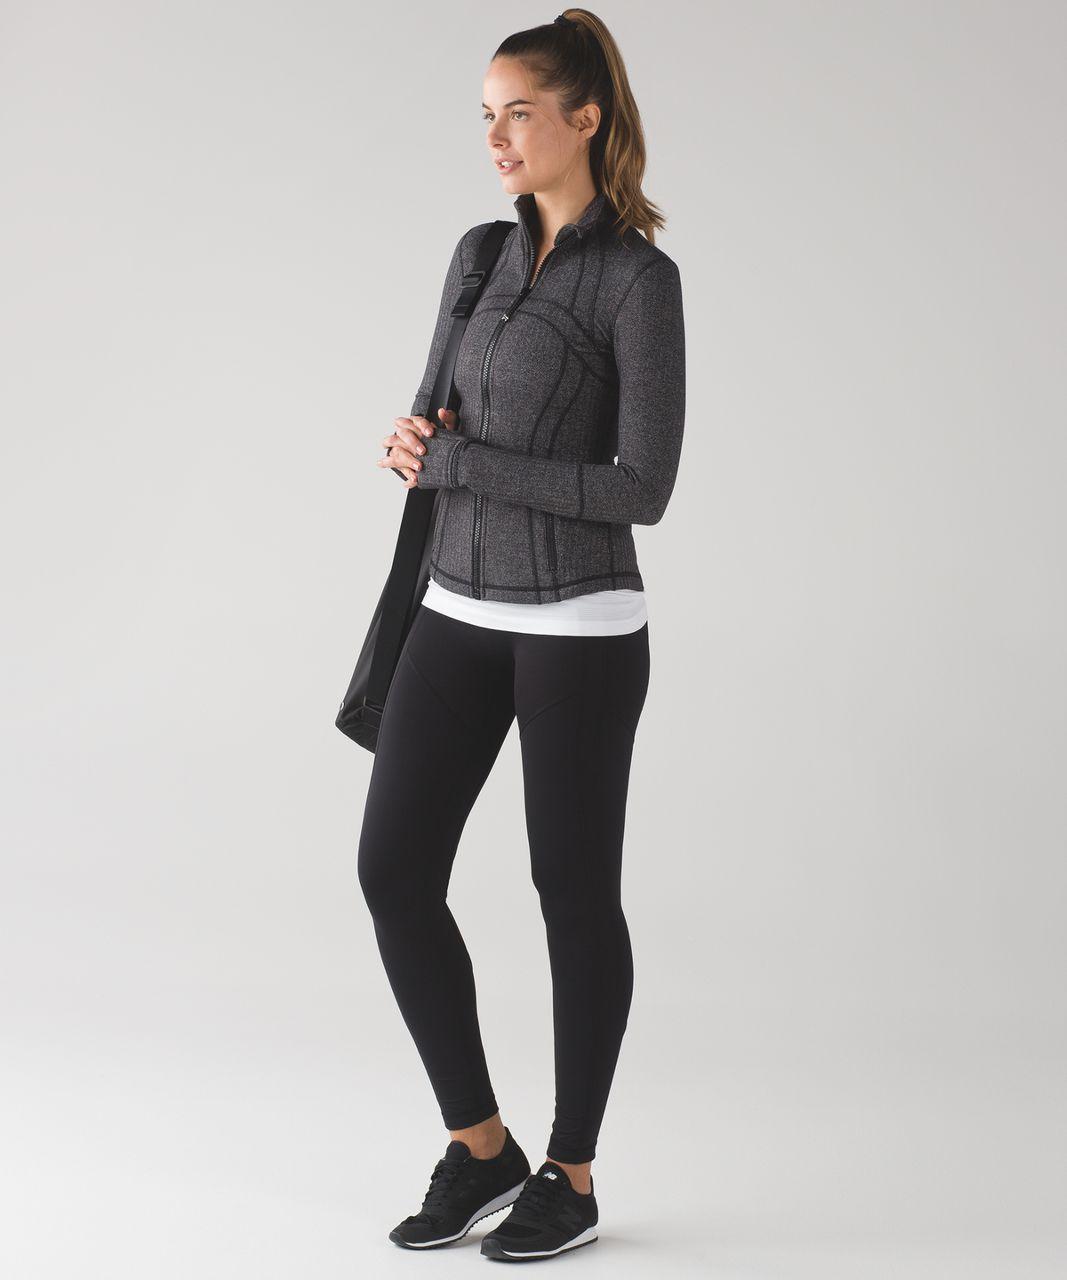 Lululemon Define Jacket - Heathered Herringbone Heathered Black Black (First Release)